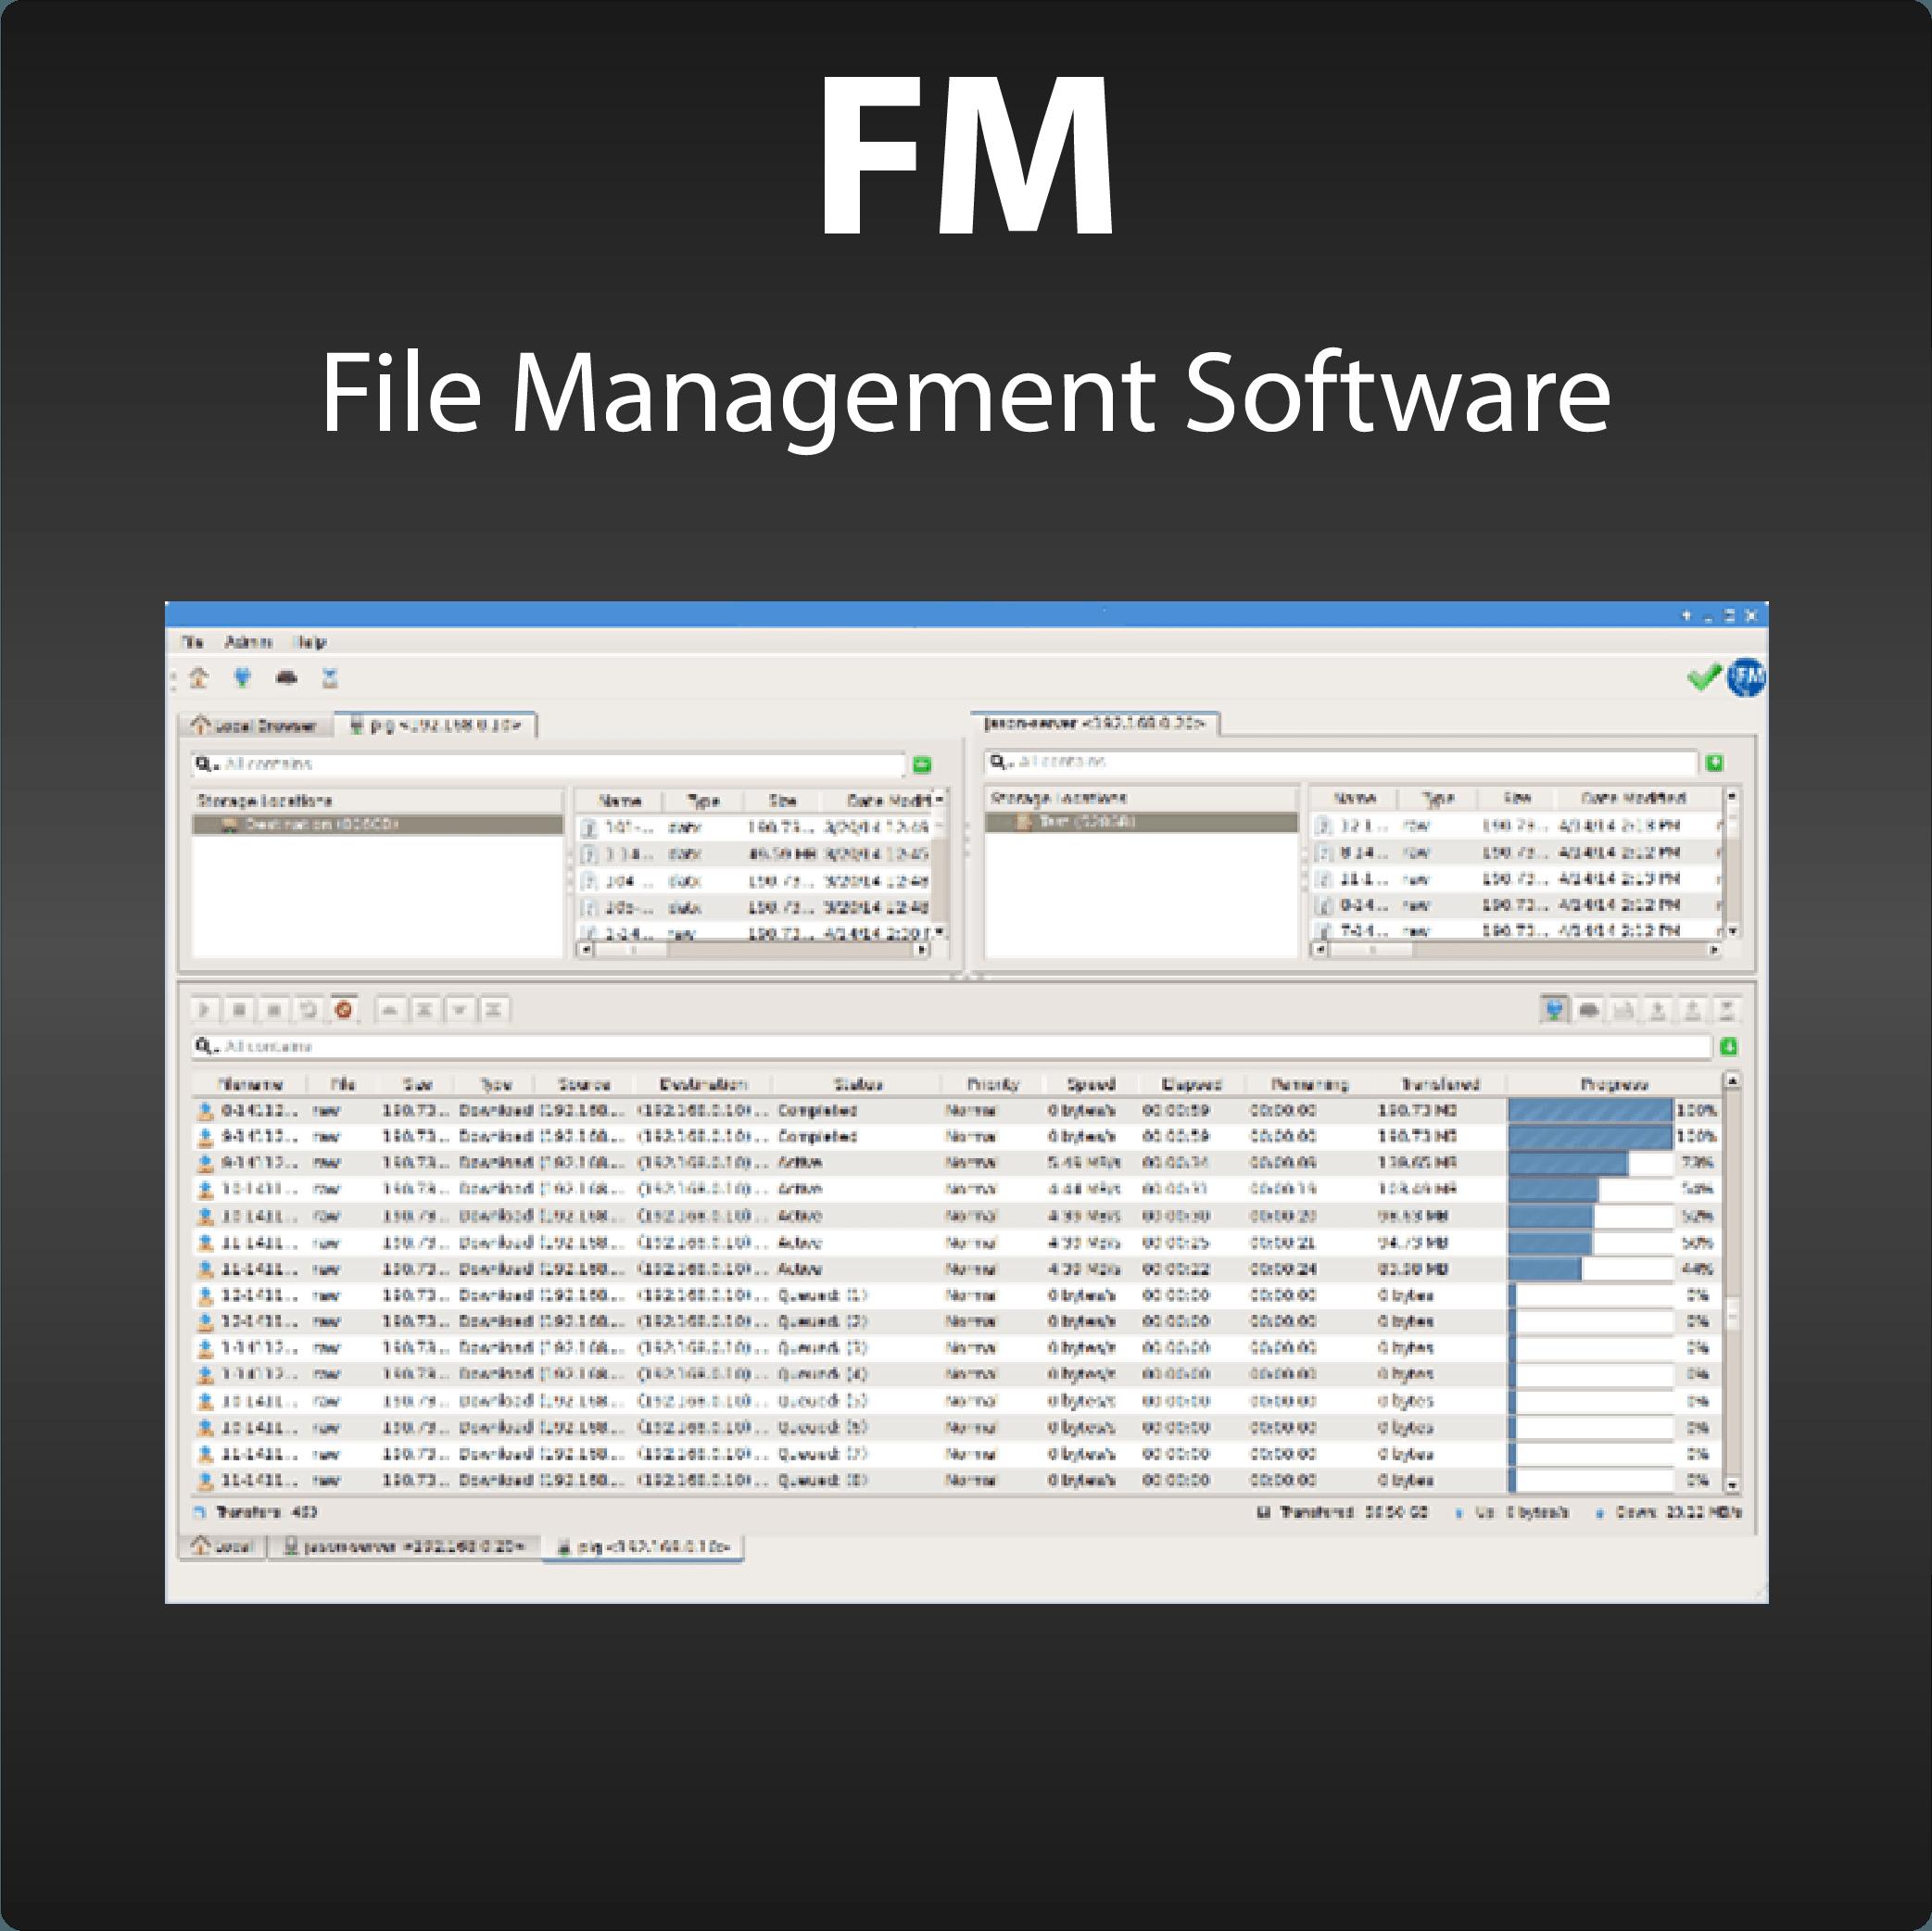 FM-File Management Software